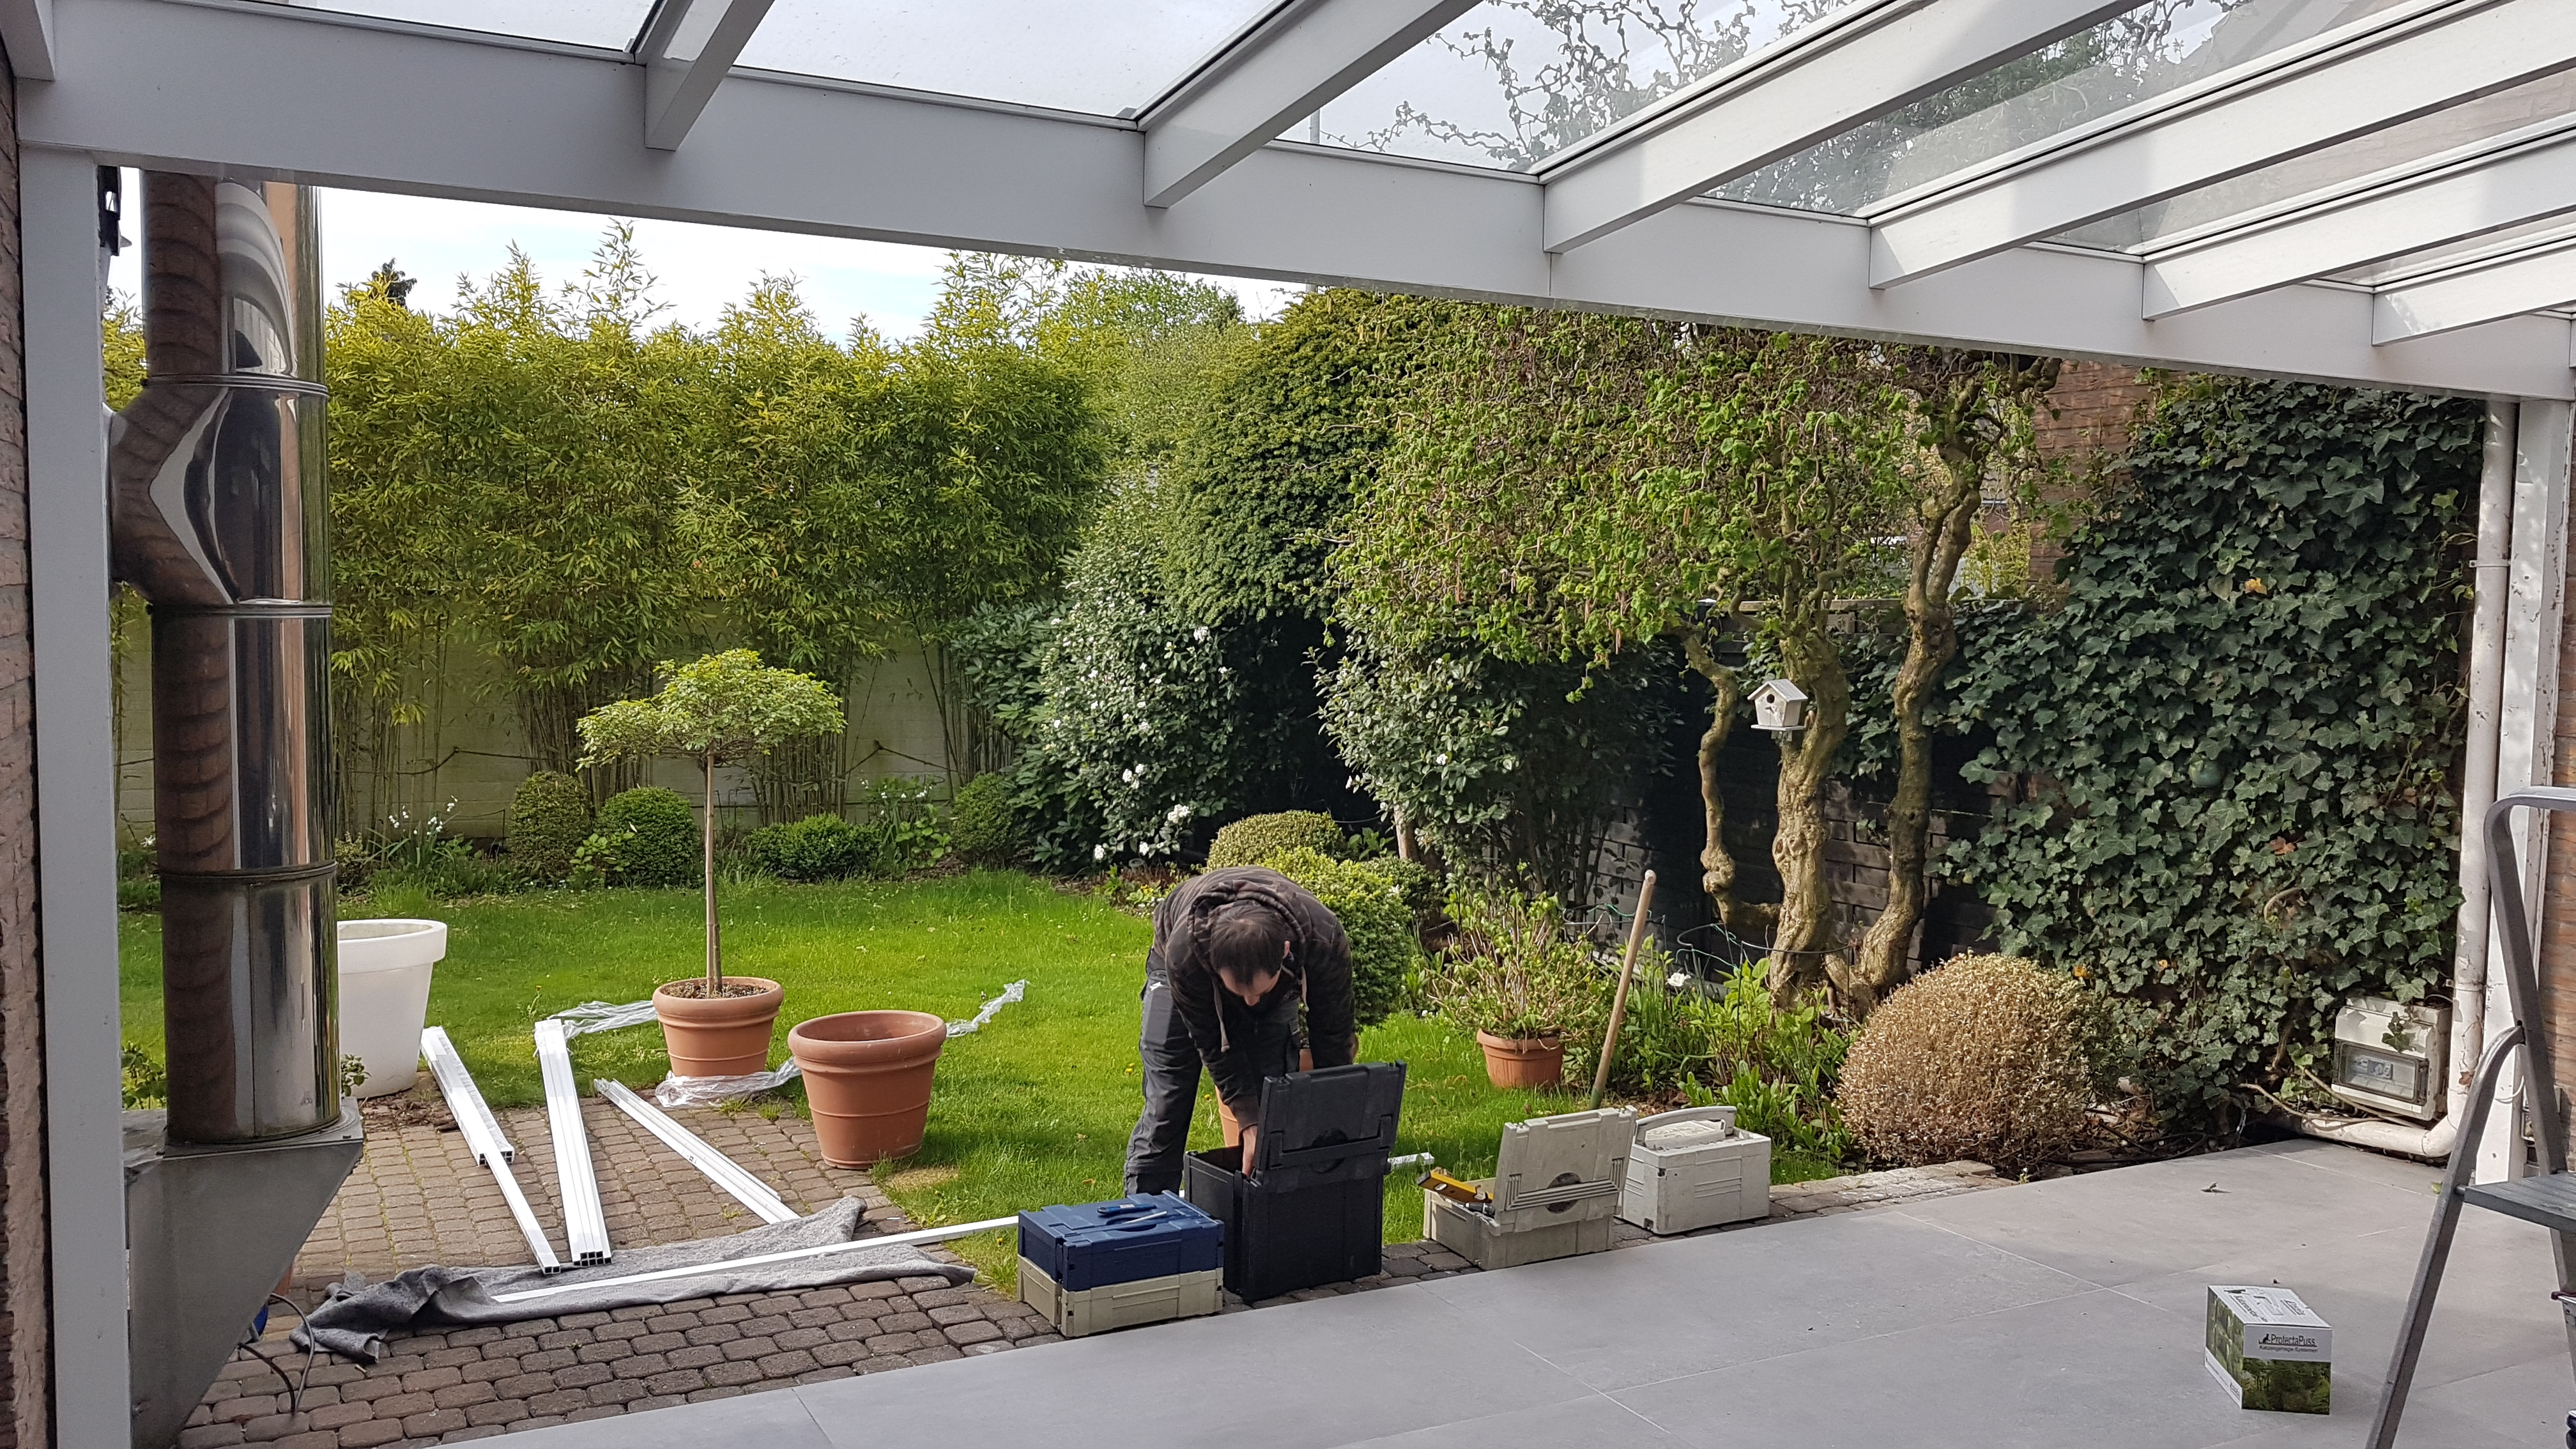 terrasse mit katzennetz zum auf zuschieben vom katzennetz profi katzennetze nrw der. Black Bedroom Furniture Sets. Home Design Ideas